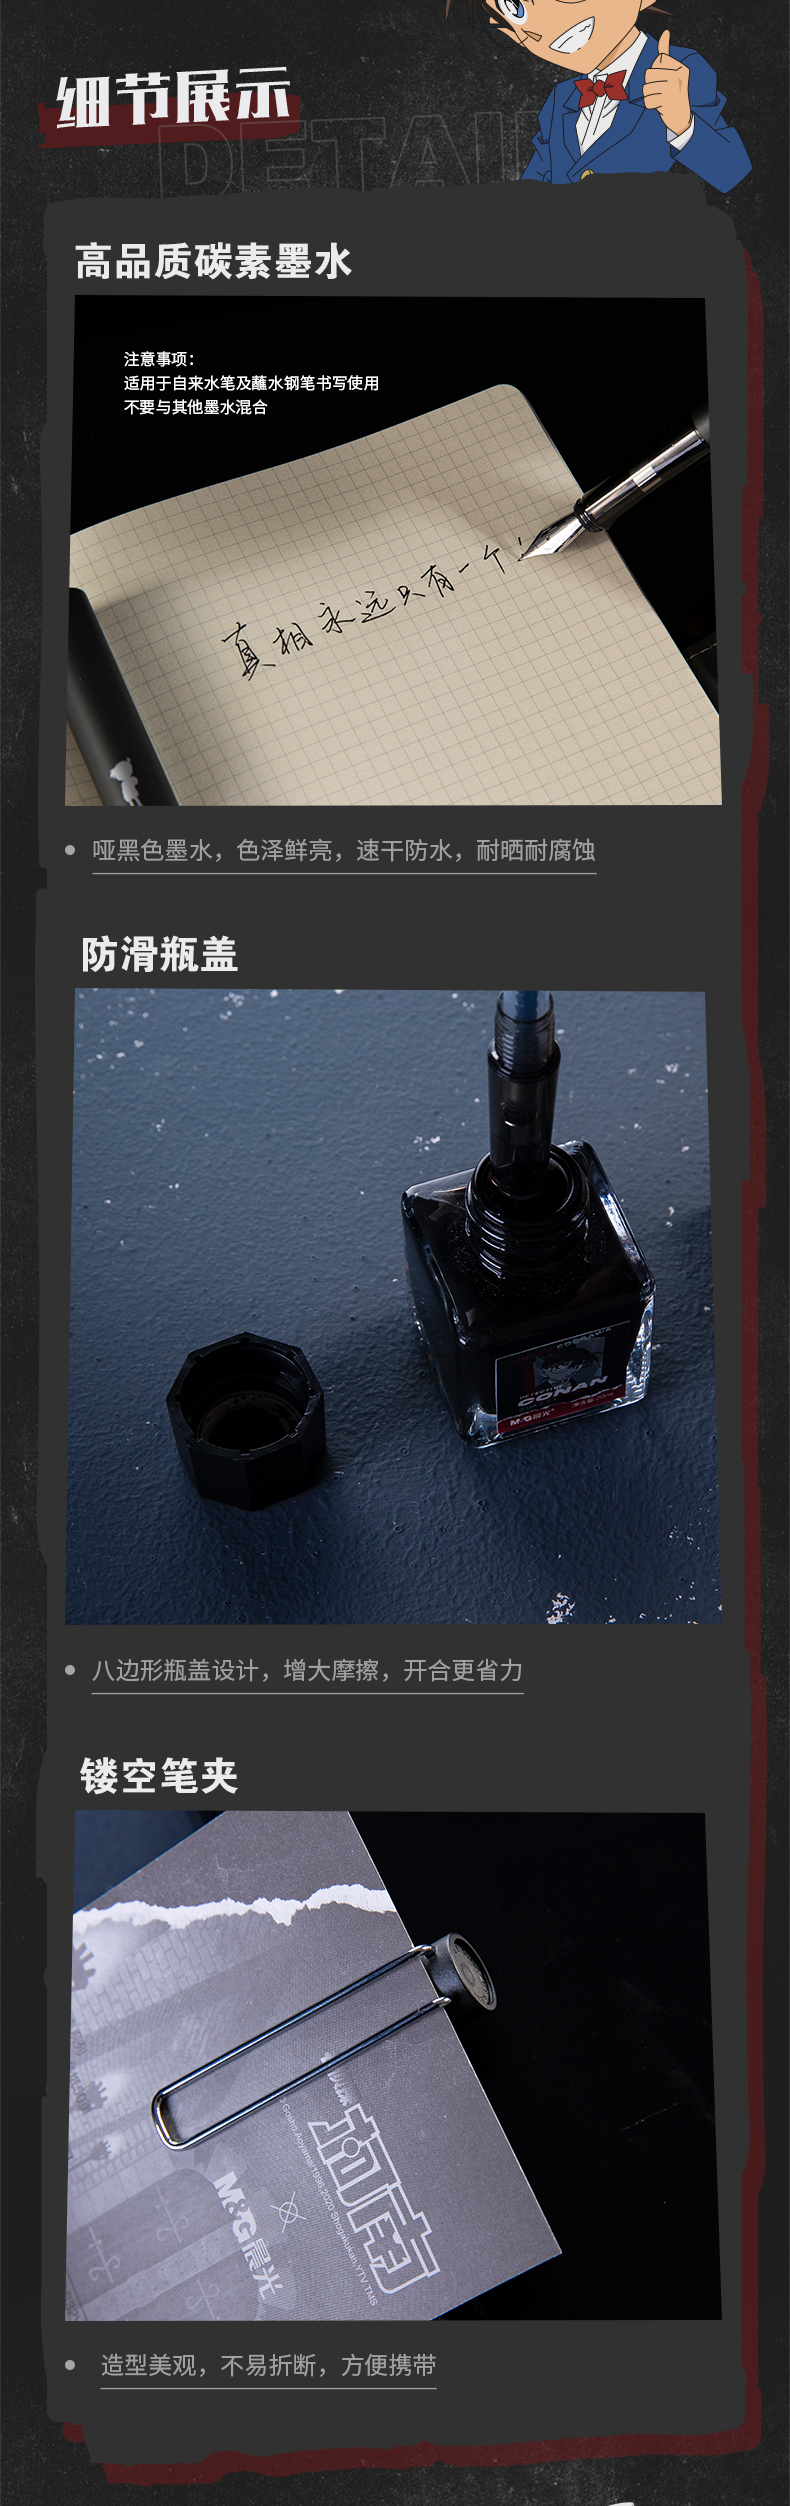 晨光 M&G 名侦探柯南系列钢笔套装 HQFP1450